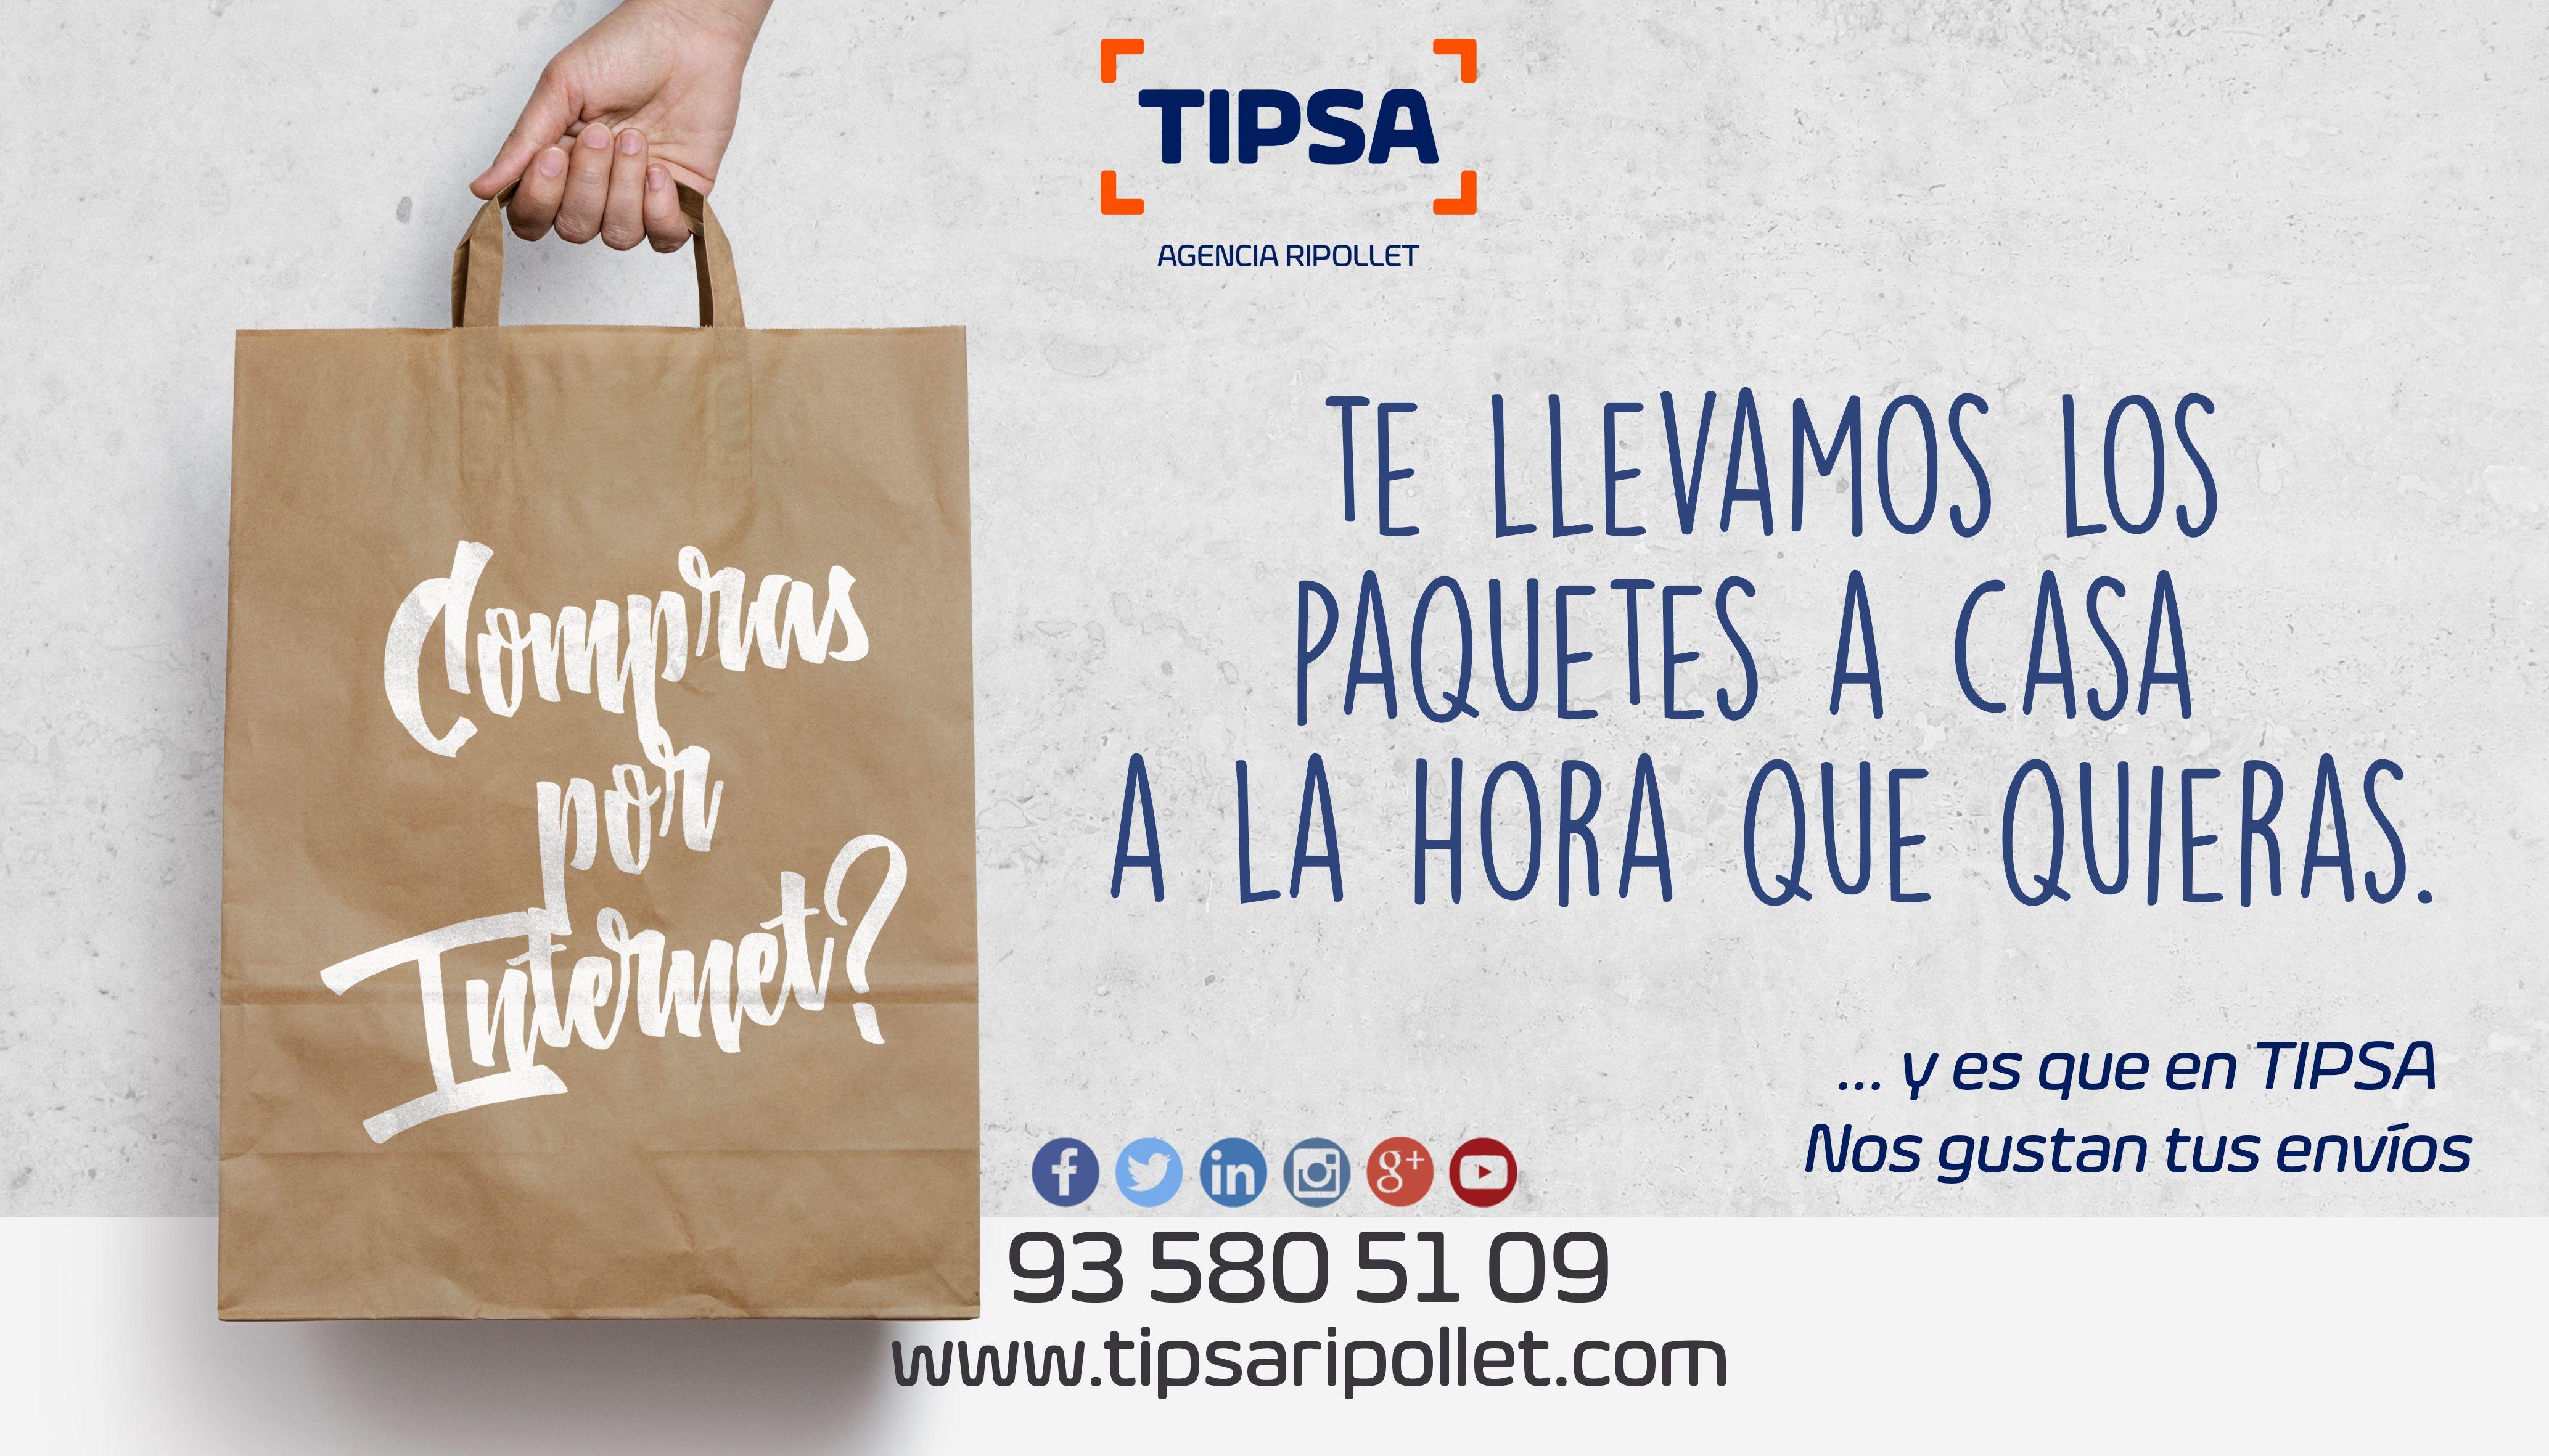 ¿Acabas de comprar por internet y no estás en casa para recibir tu paquete?, en Tipsa Ripollet ofrecemos la posibilidad de adaptar tu horario de entrega según tu disponibilidad y ofrecemos una opción de seguimiento en tiempo real de tu envio. www.tipsaripollet.com